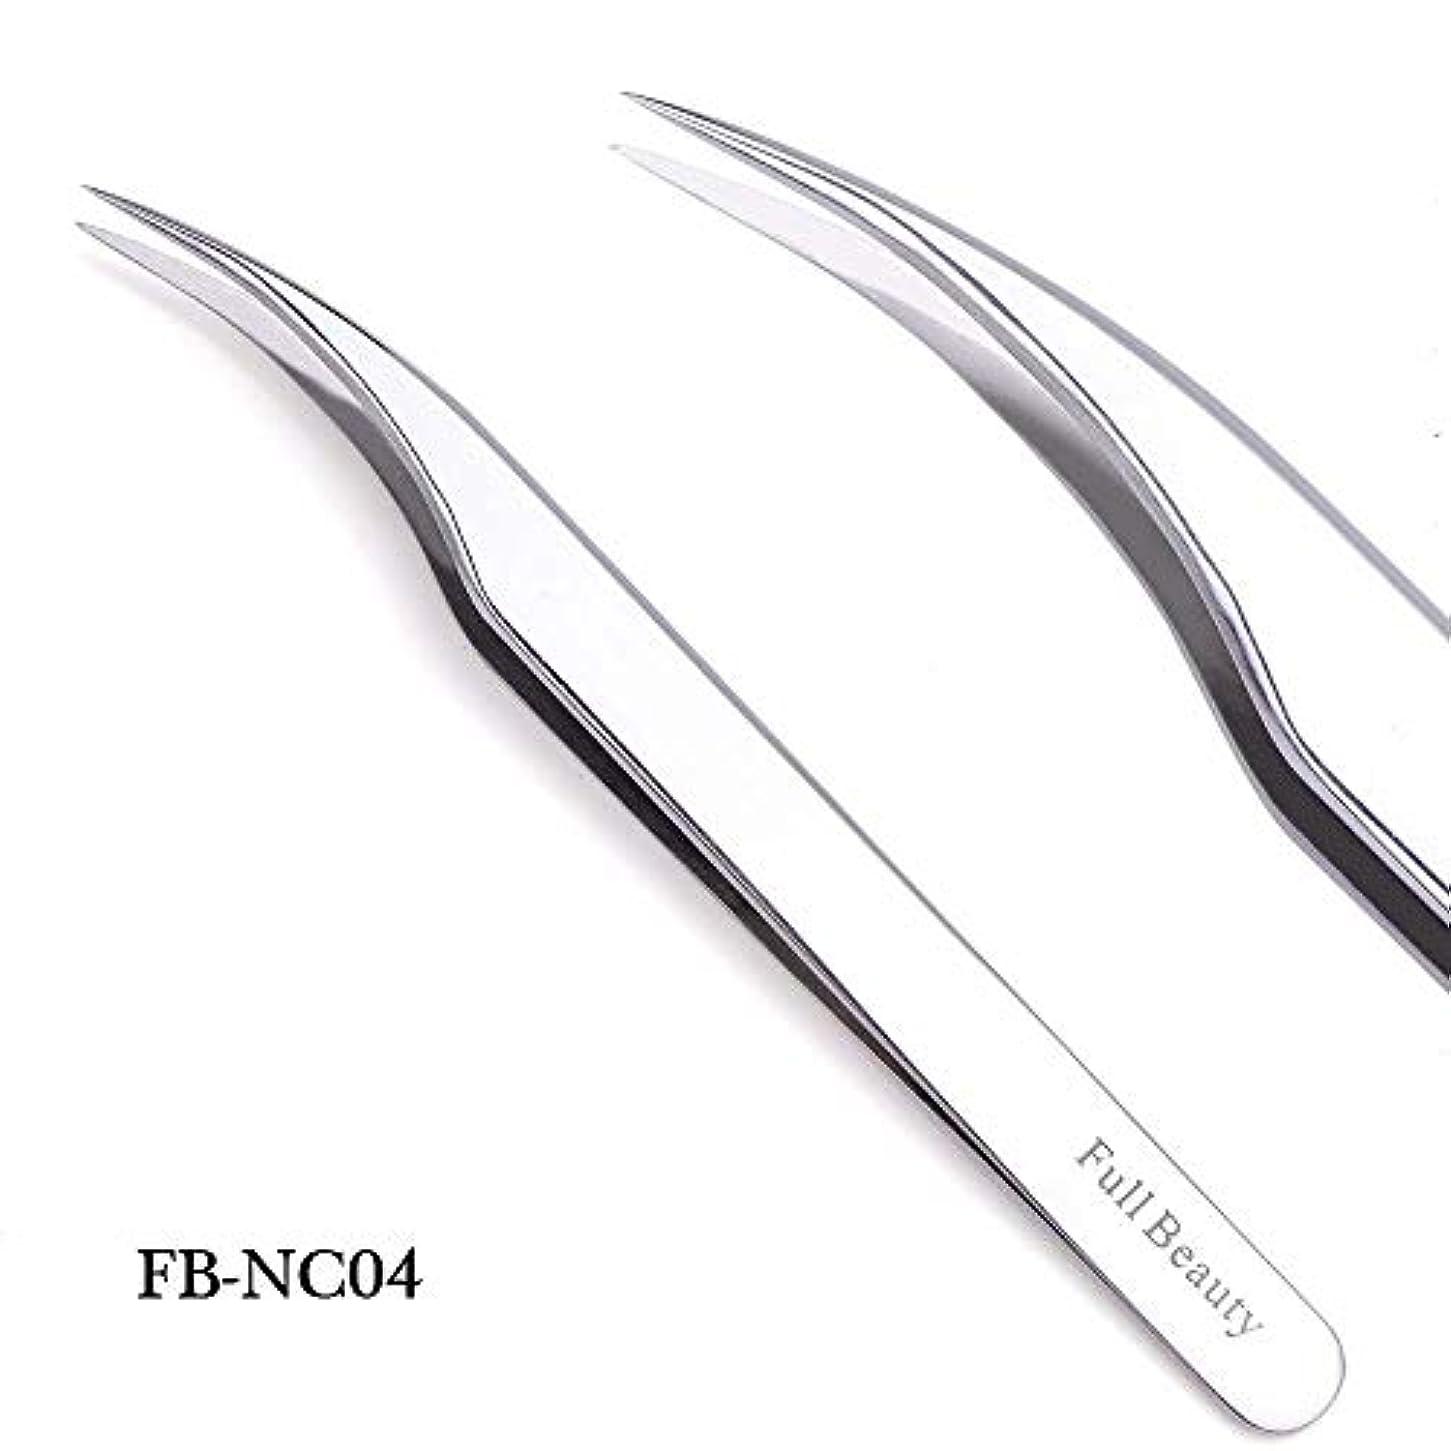 干ばつペチュランスご意見1ピーススライバーミラー眉毛ピンセット曲線ストレートまつげエクステンションネイルニッパーにきびクリーニング化粧道具マニキュアSAFBNC01-04 FB-NC04